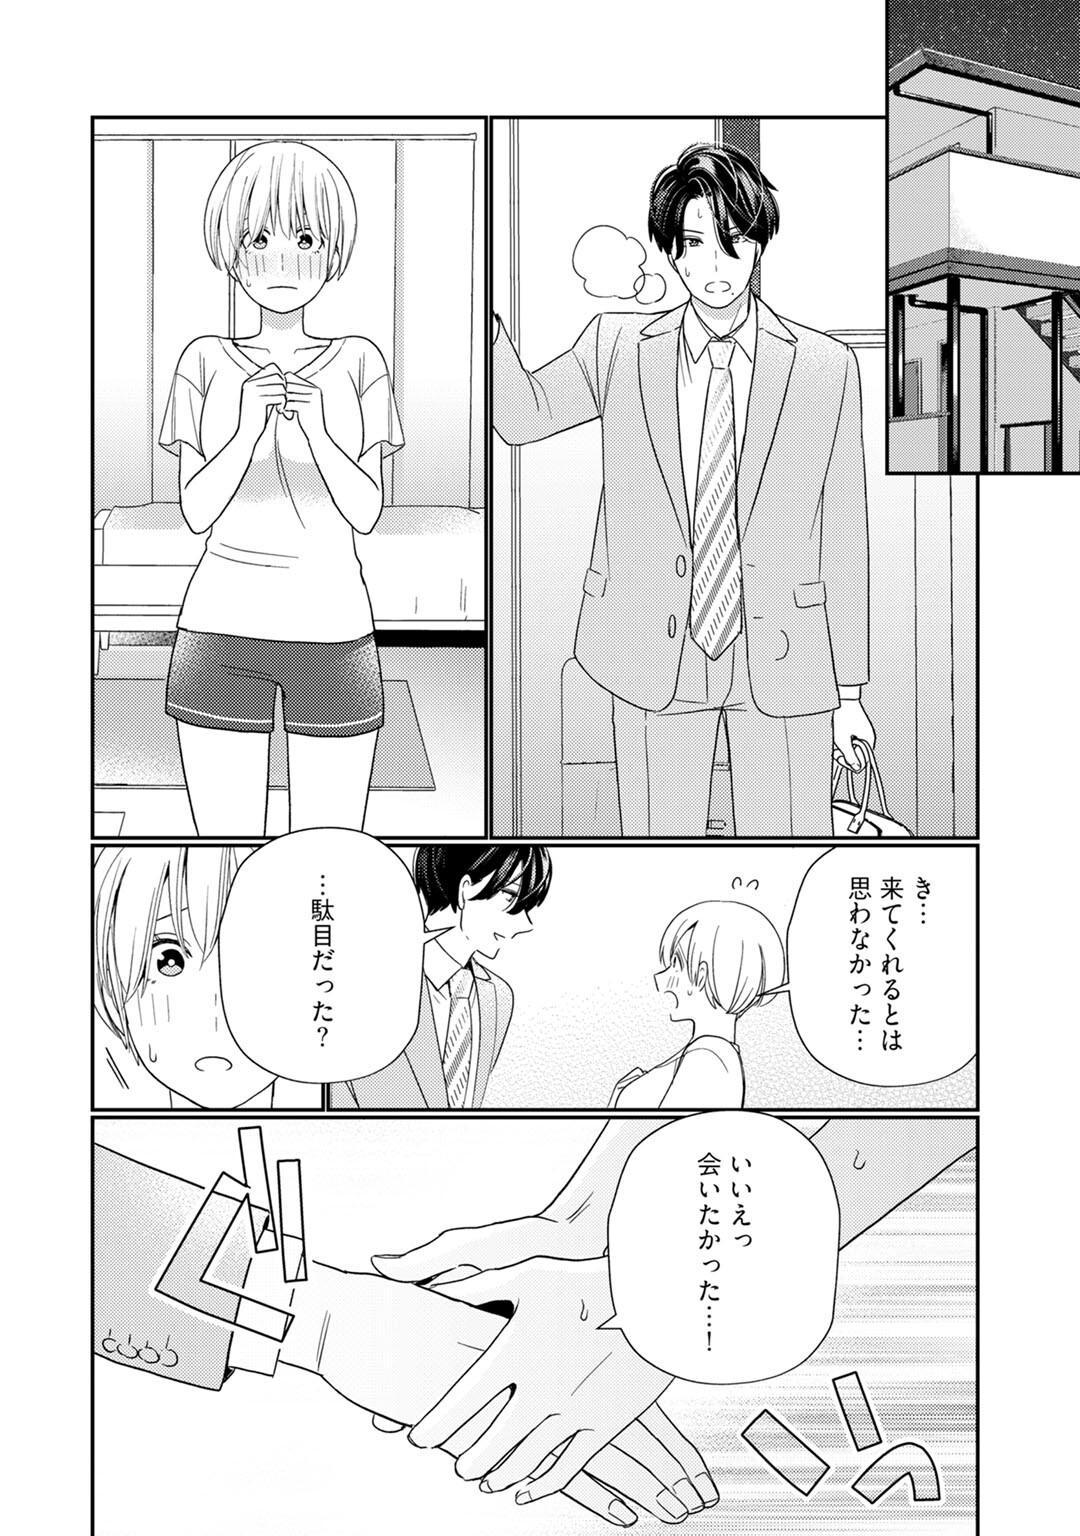 [Okonogi Happa] Kyonyuu-chan to Kyokon Joushi -Kaisha de Musabori Sex- act. 7 19